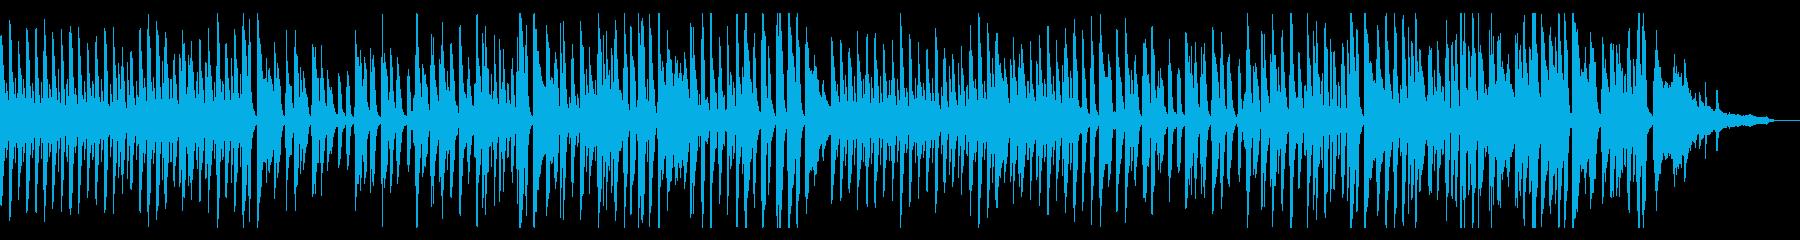 レトロなラグタイム風ホンキートンクピアノの再生済みの波形